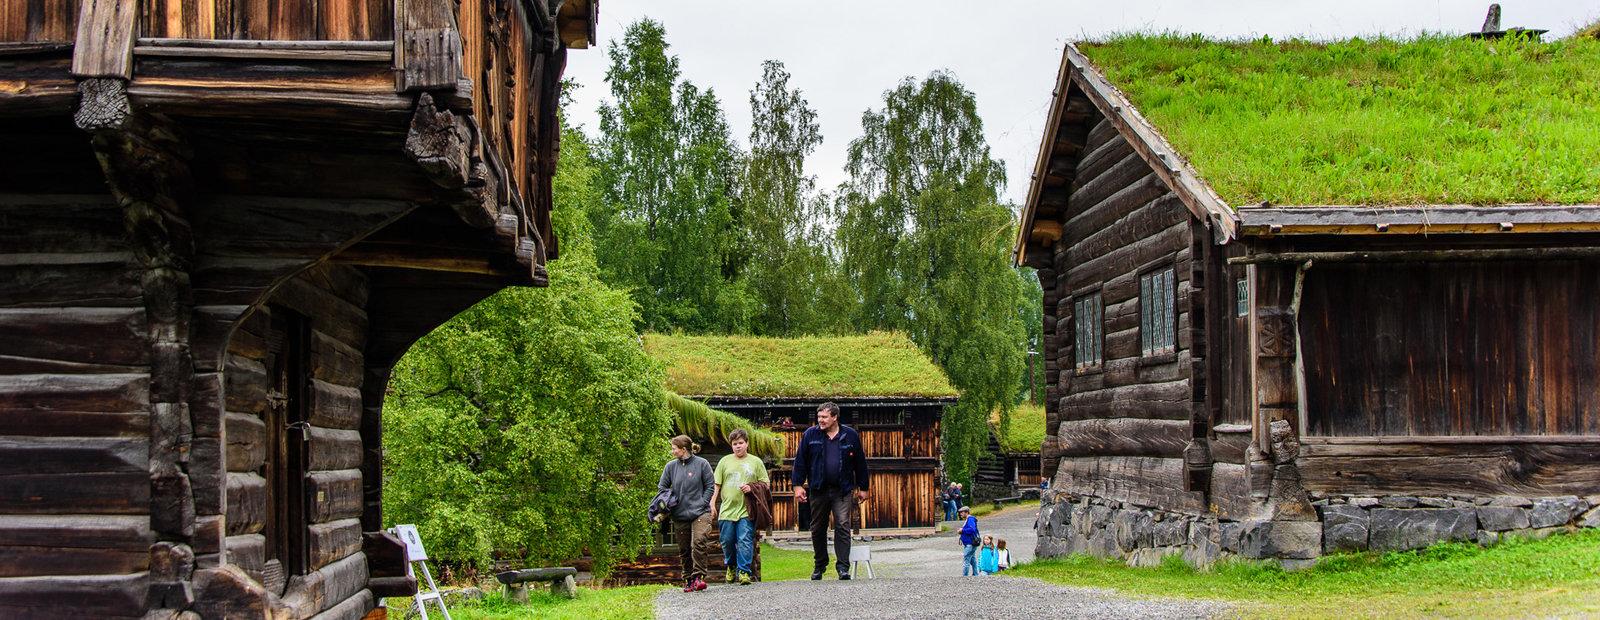 Folk går på grusvei og titter på gamle tømmerhus på friluftsmuseet Maihaugen i Lillehammer.